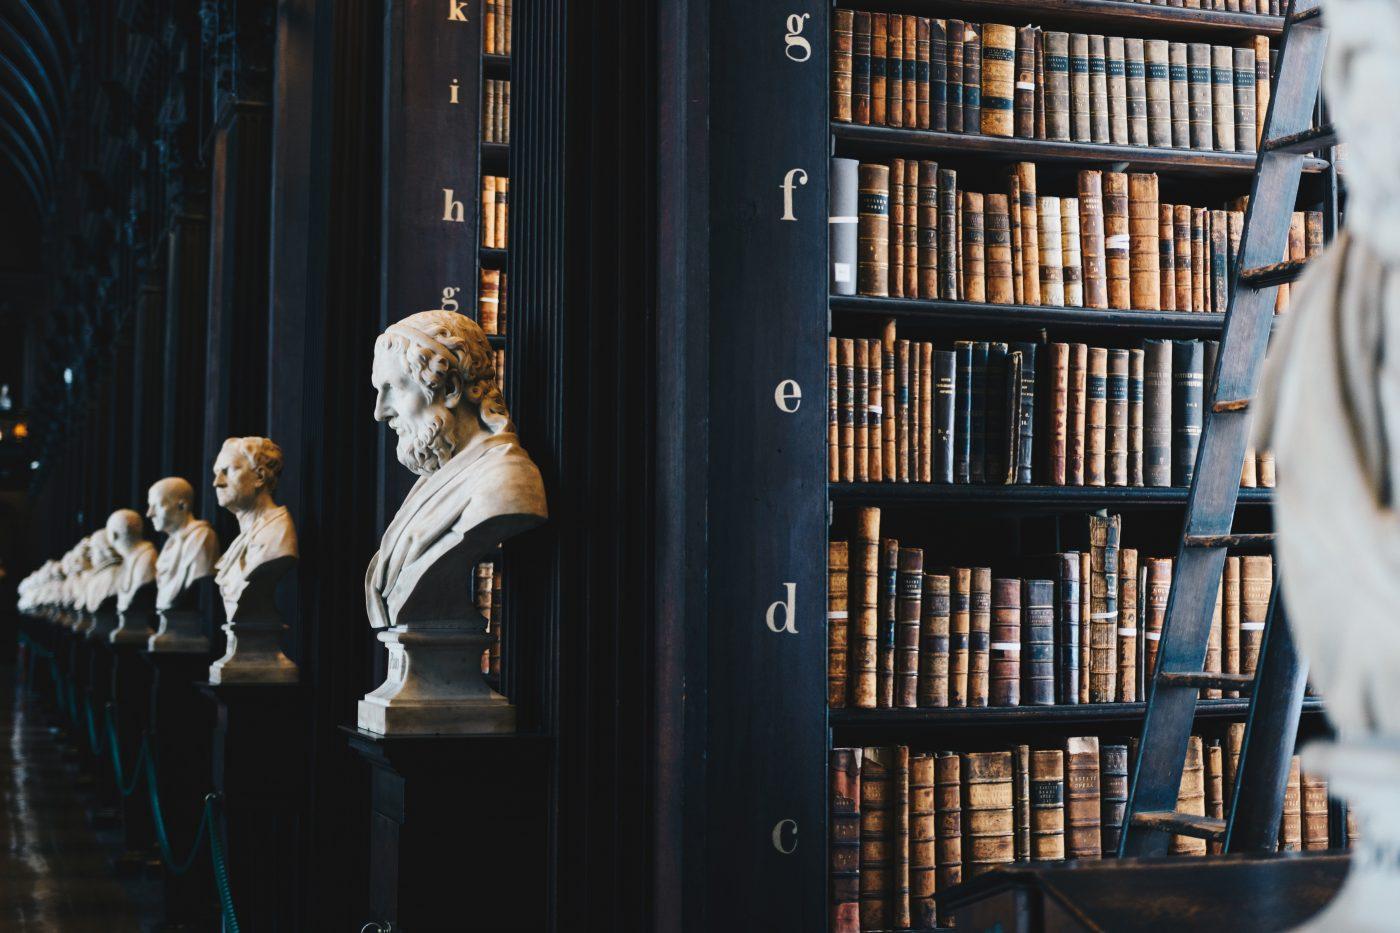 Filosofi e umanisti in azienda, una nuova realtà